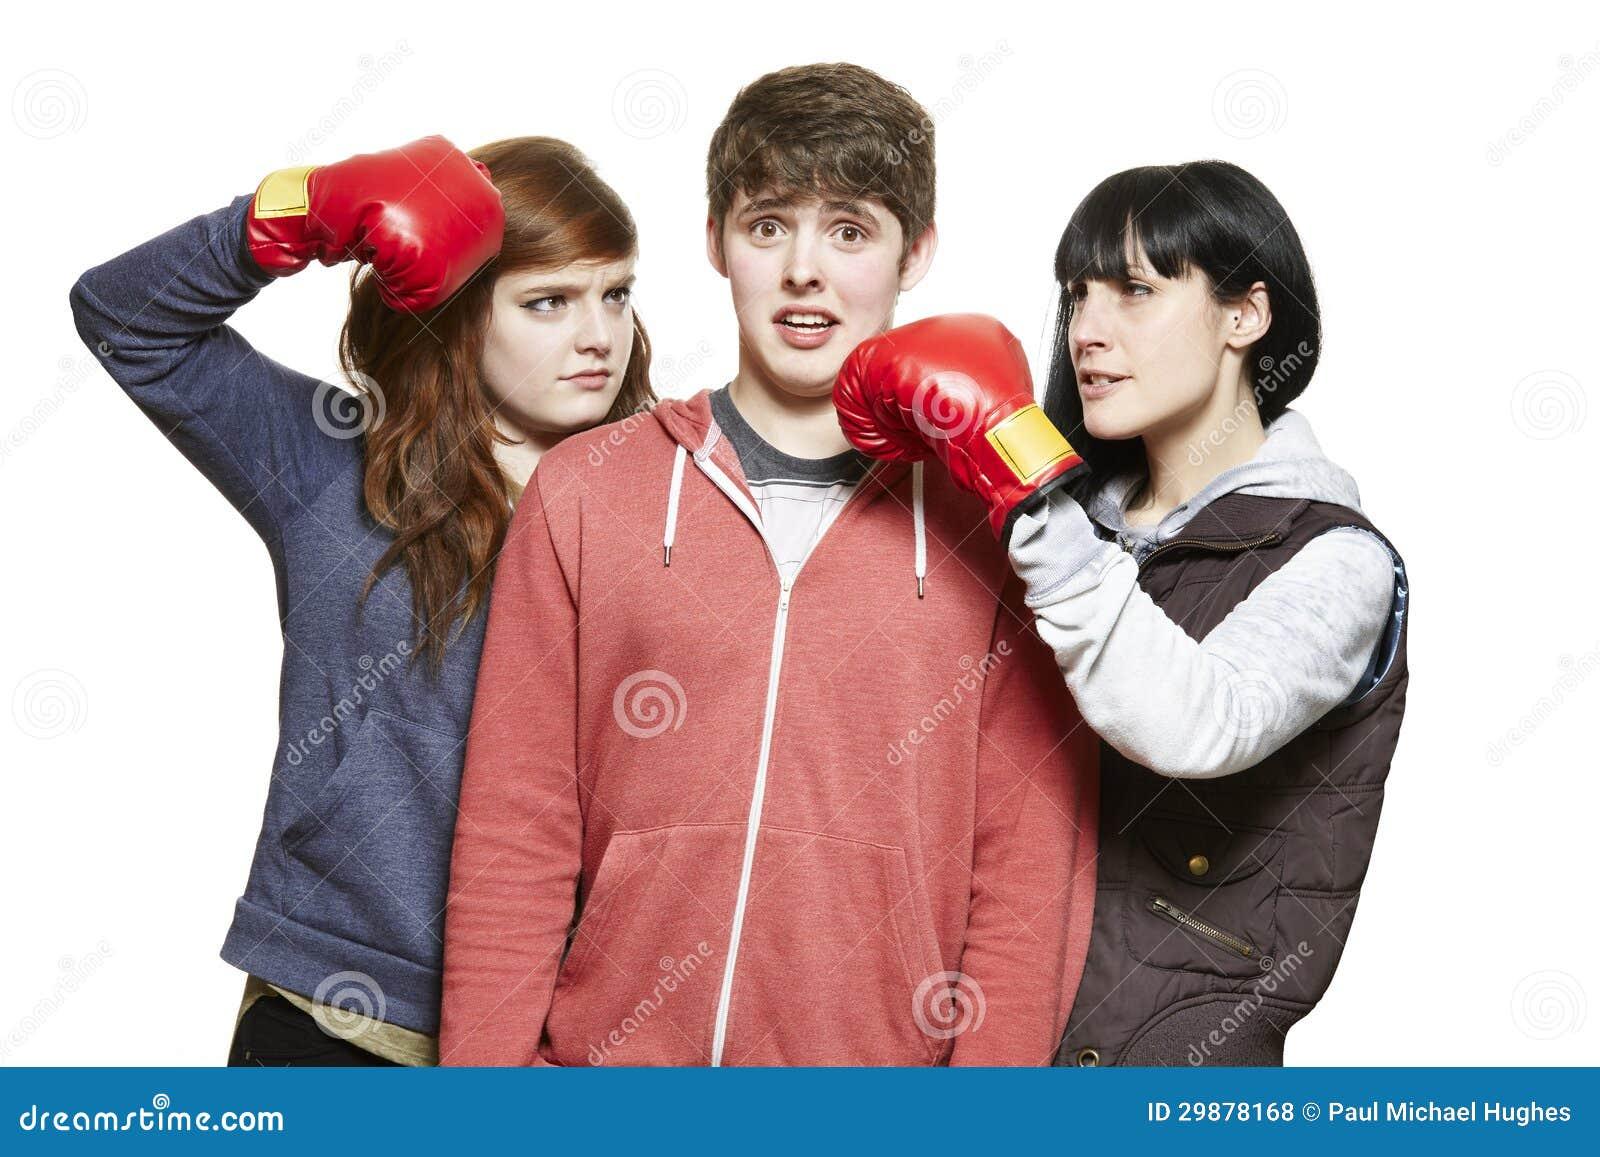 战斗与拳击手套的少年兄弟姐妹